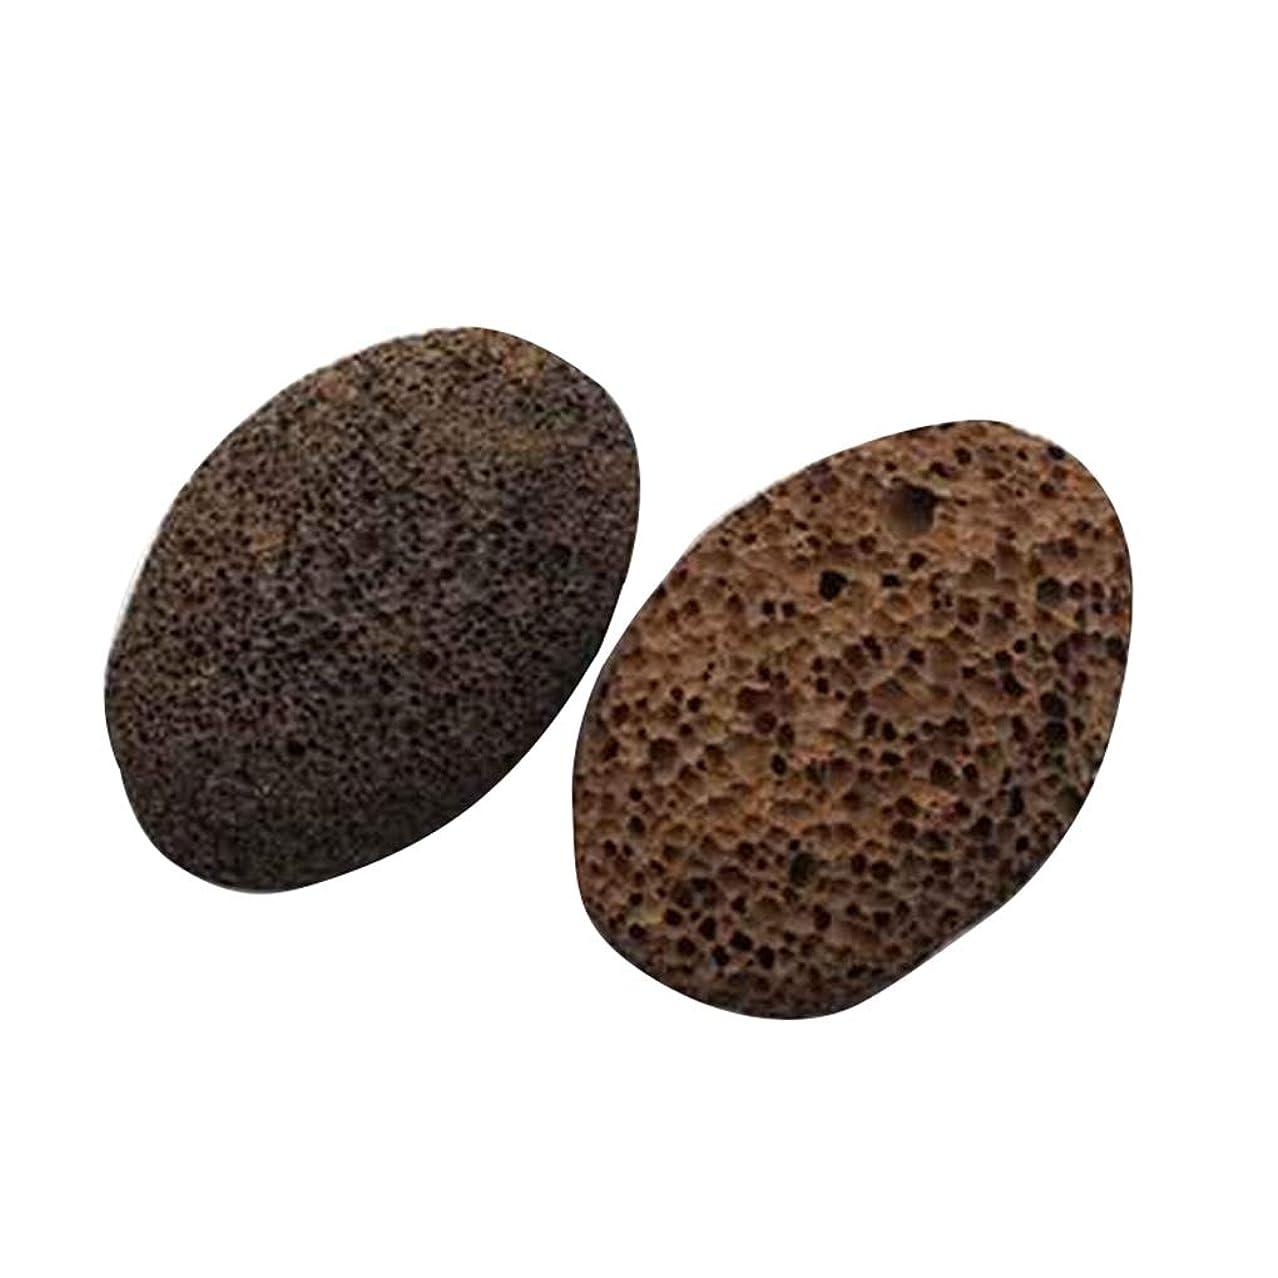 主にブルーベル広くNerhaily 死んだ皮軽石を取り除き 足石を挽いて 自然の火山石を剥がします 足マッサージ石 ワイプ足石 2個セット